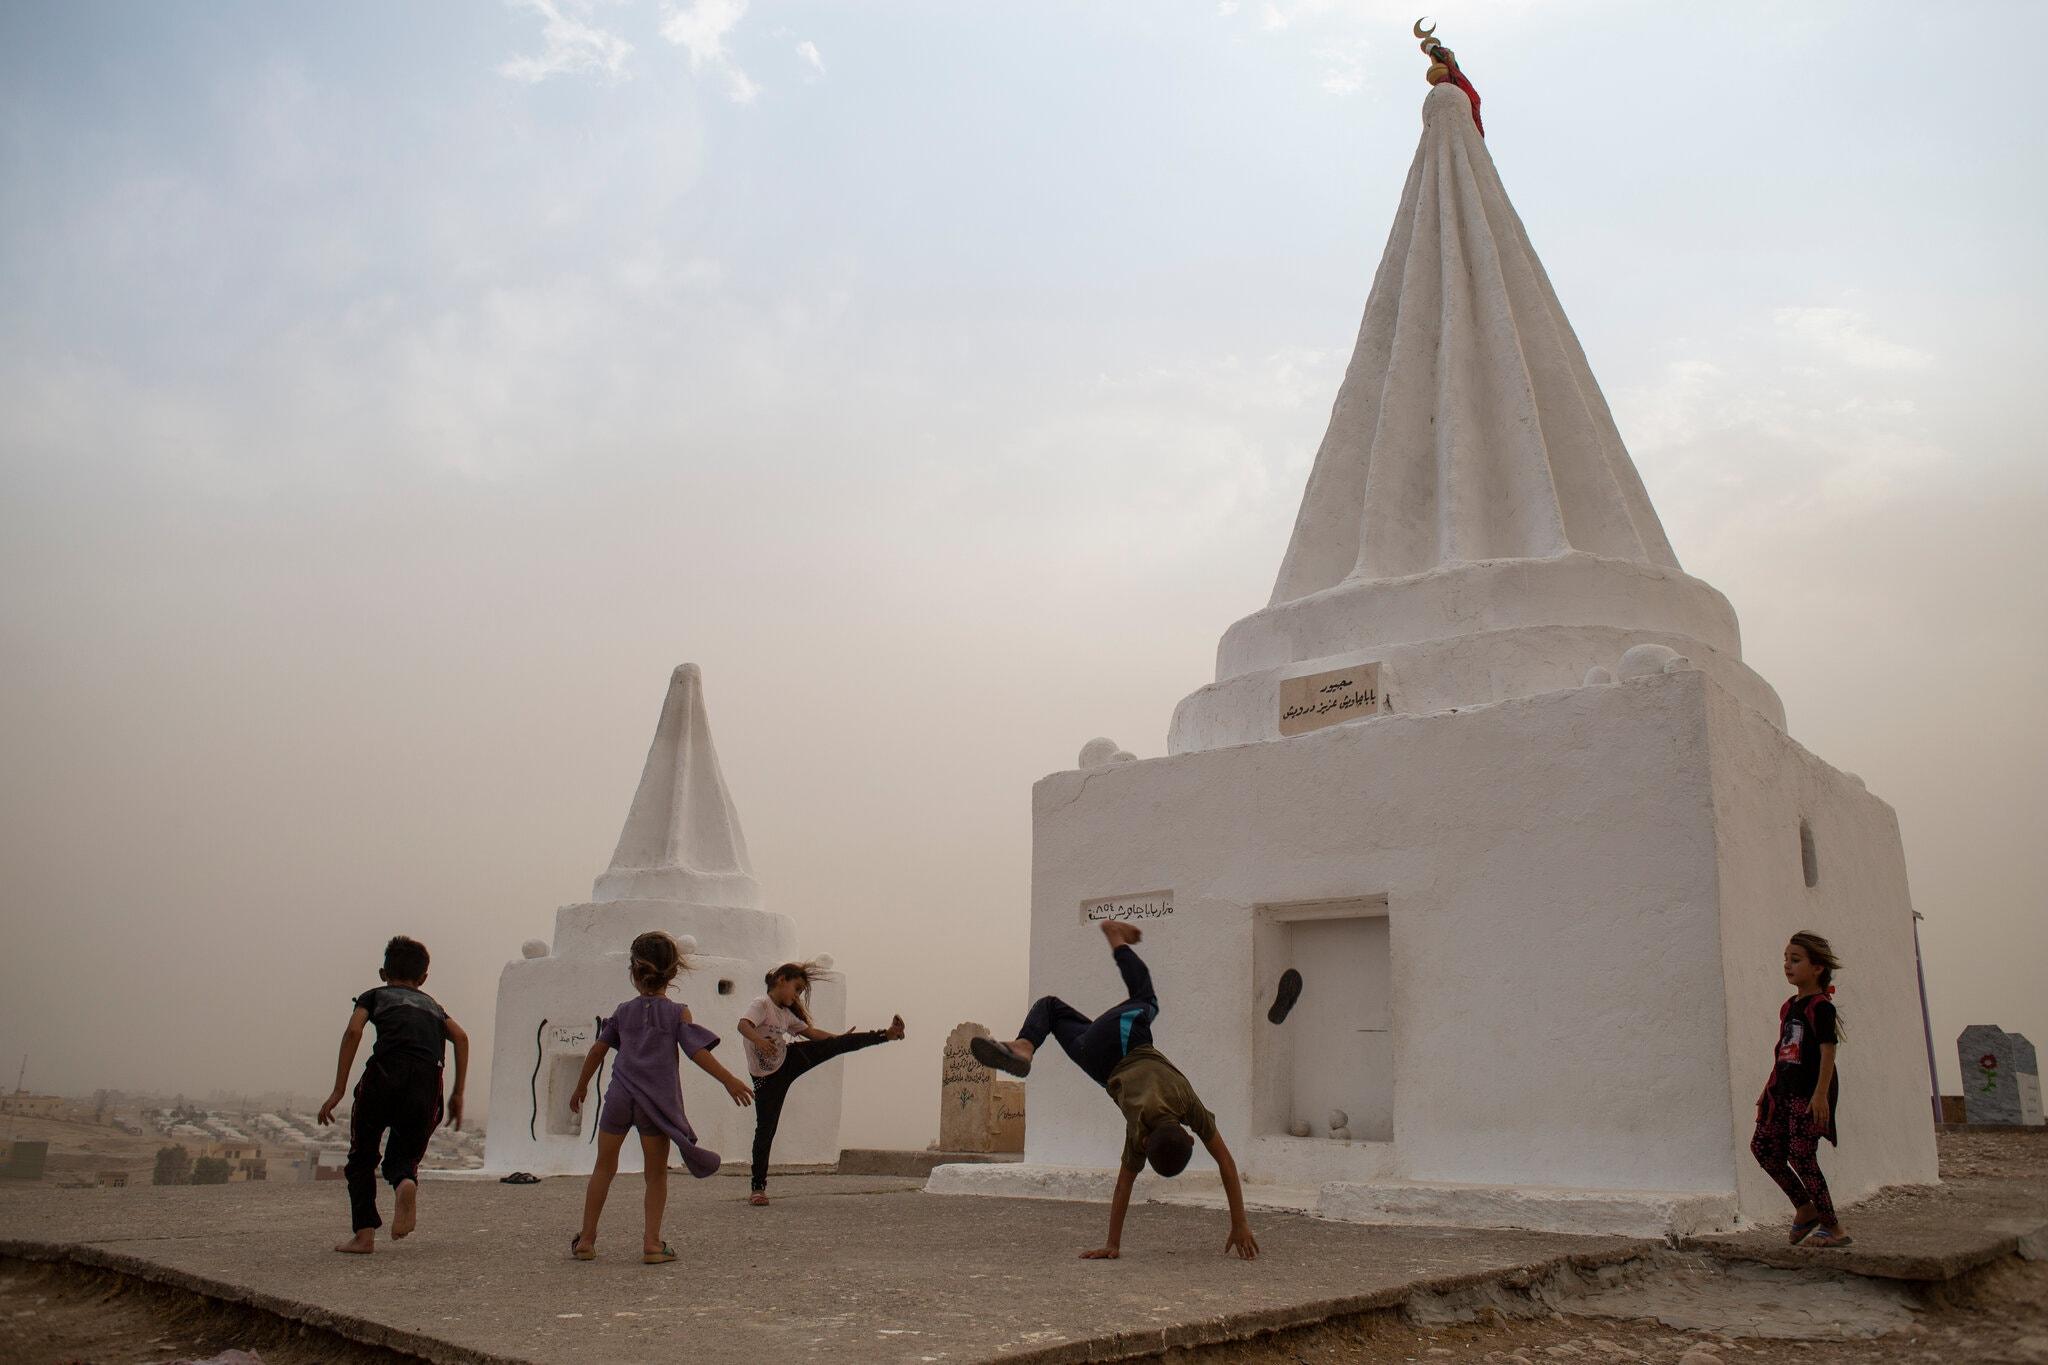 Дети езидов играют в августе под дождем. Храм в Курдистане на севере Ирака, деревня Ханке. Фото Хауре Халид для газеты «The New York Times»